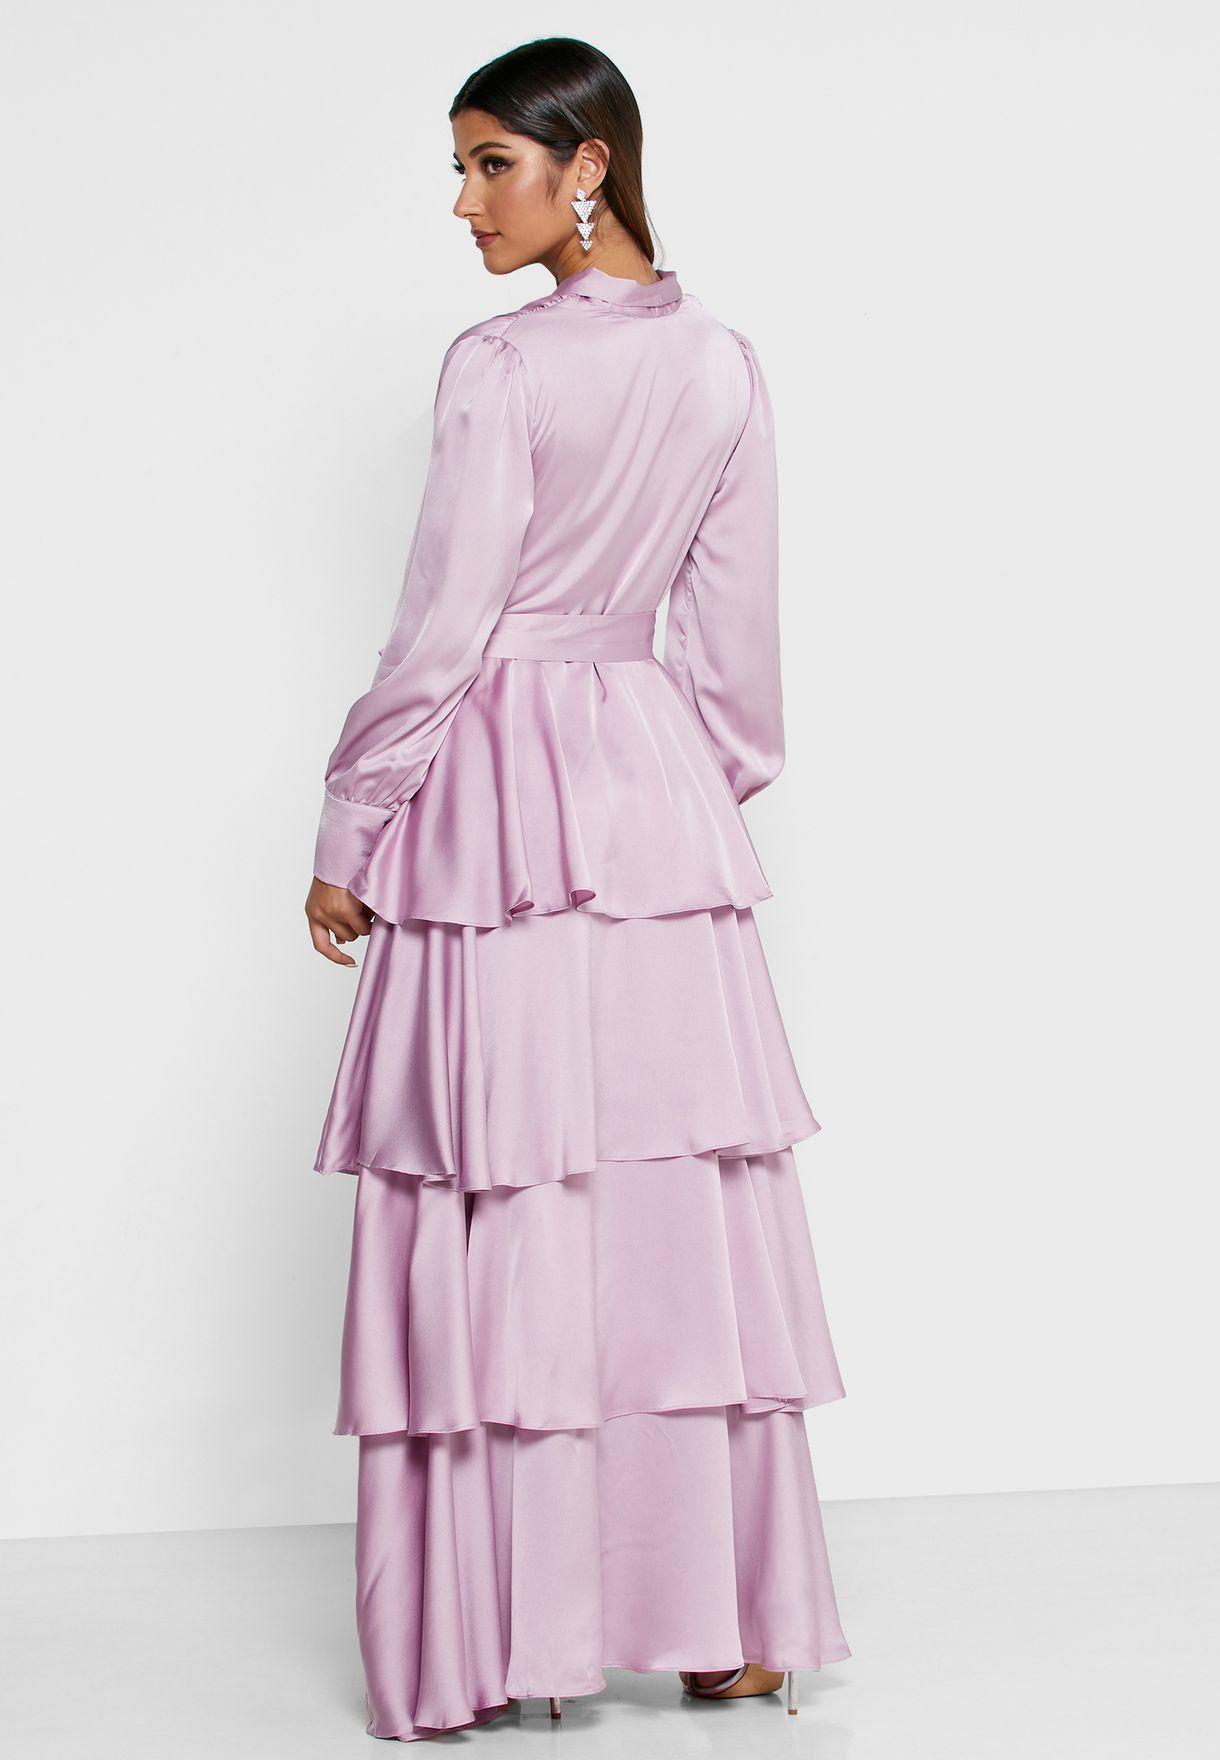 فستان مكسي ستان بنمط لف وطبقات كشكش